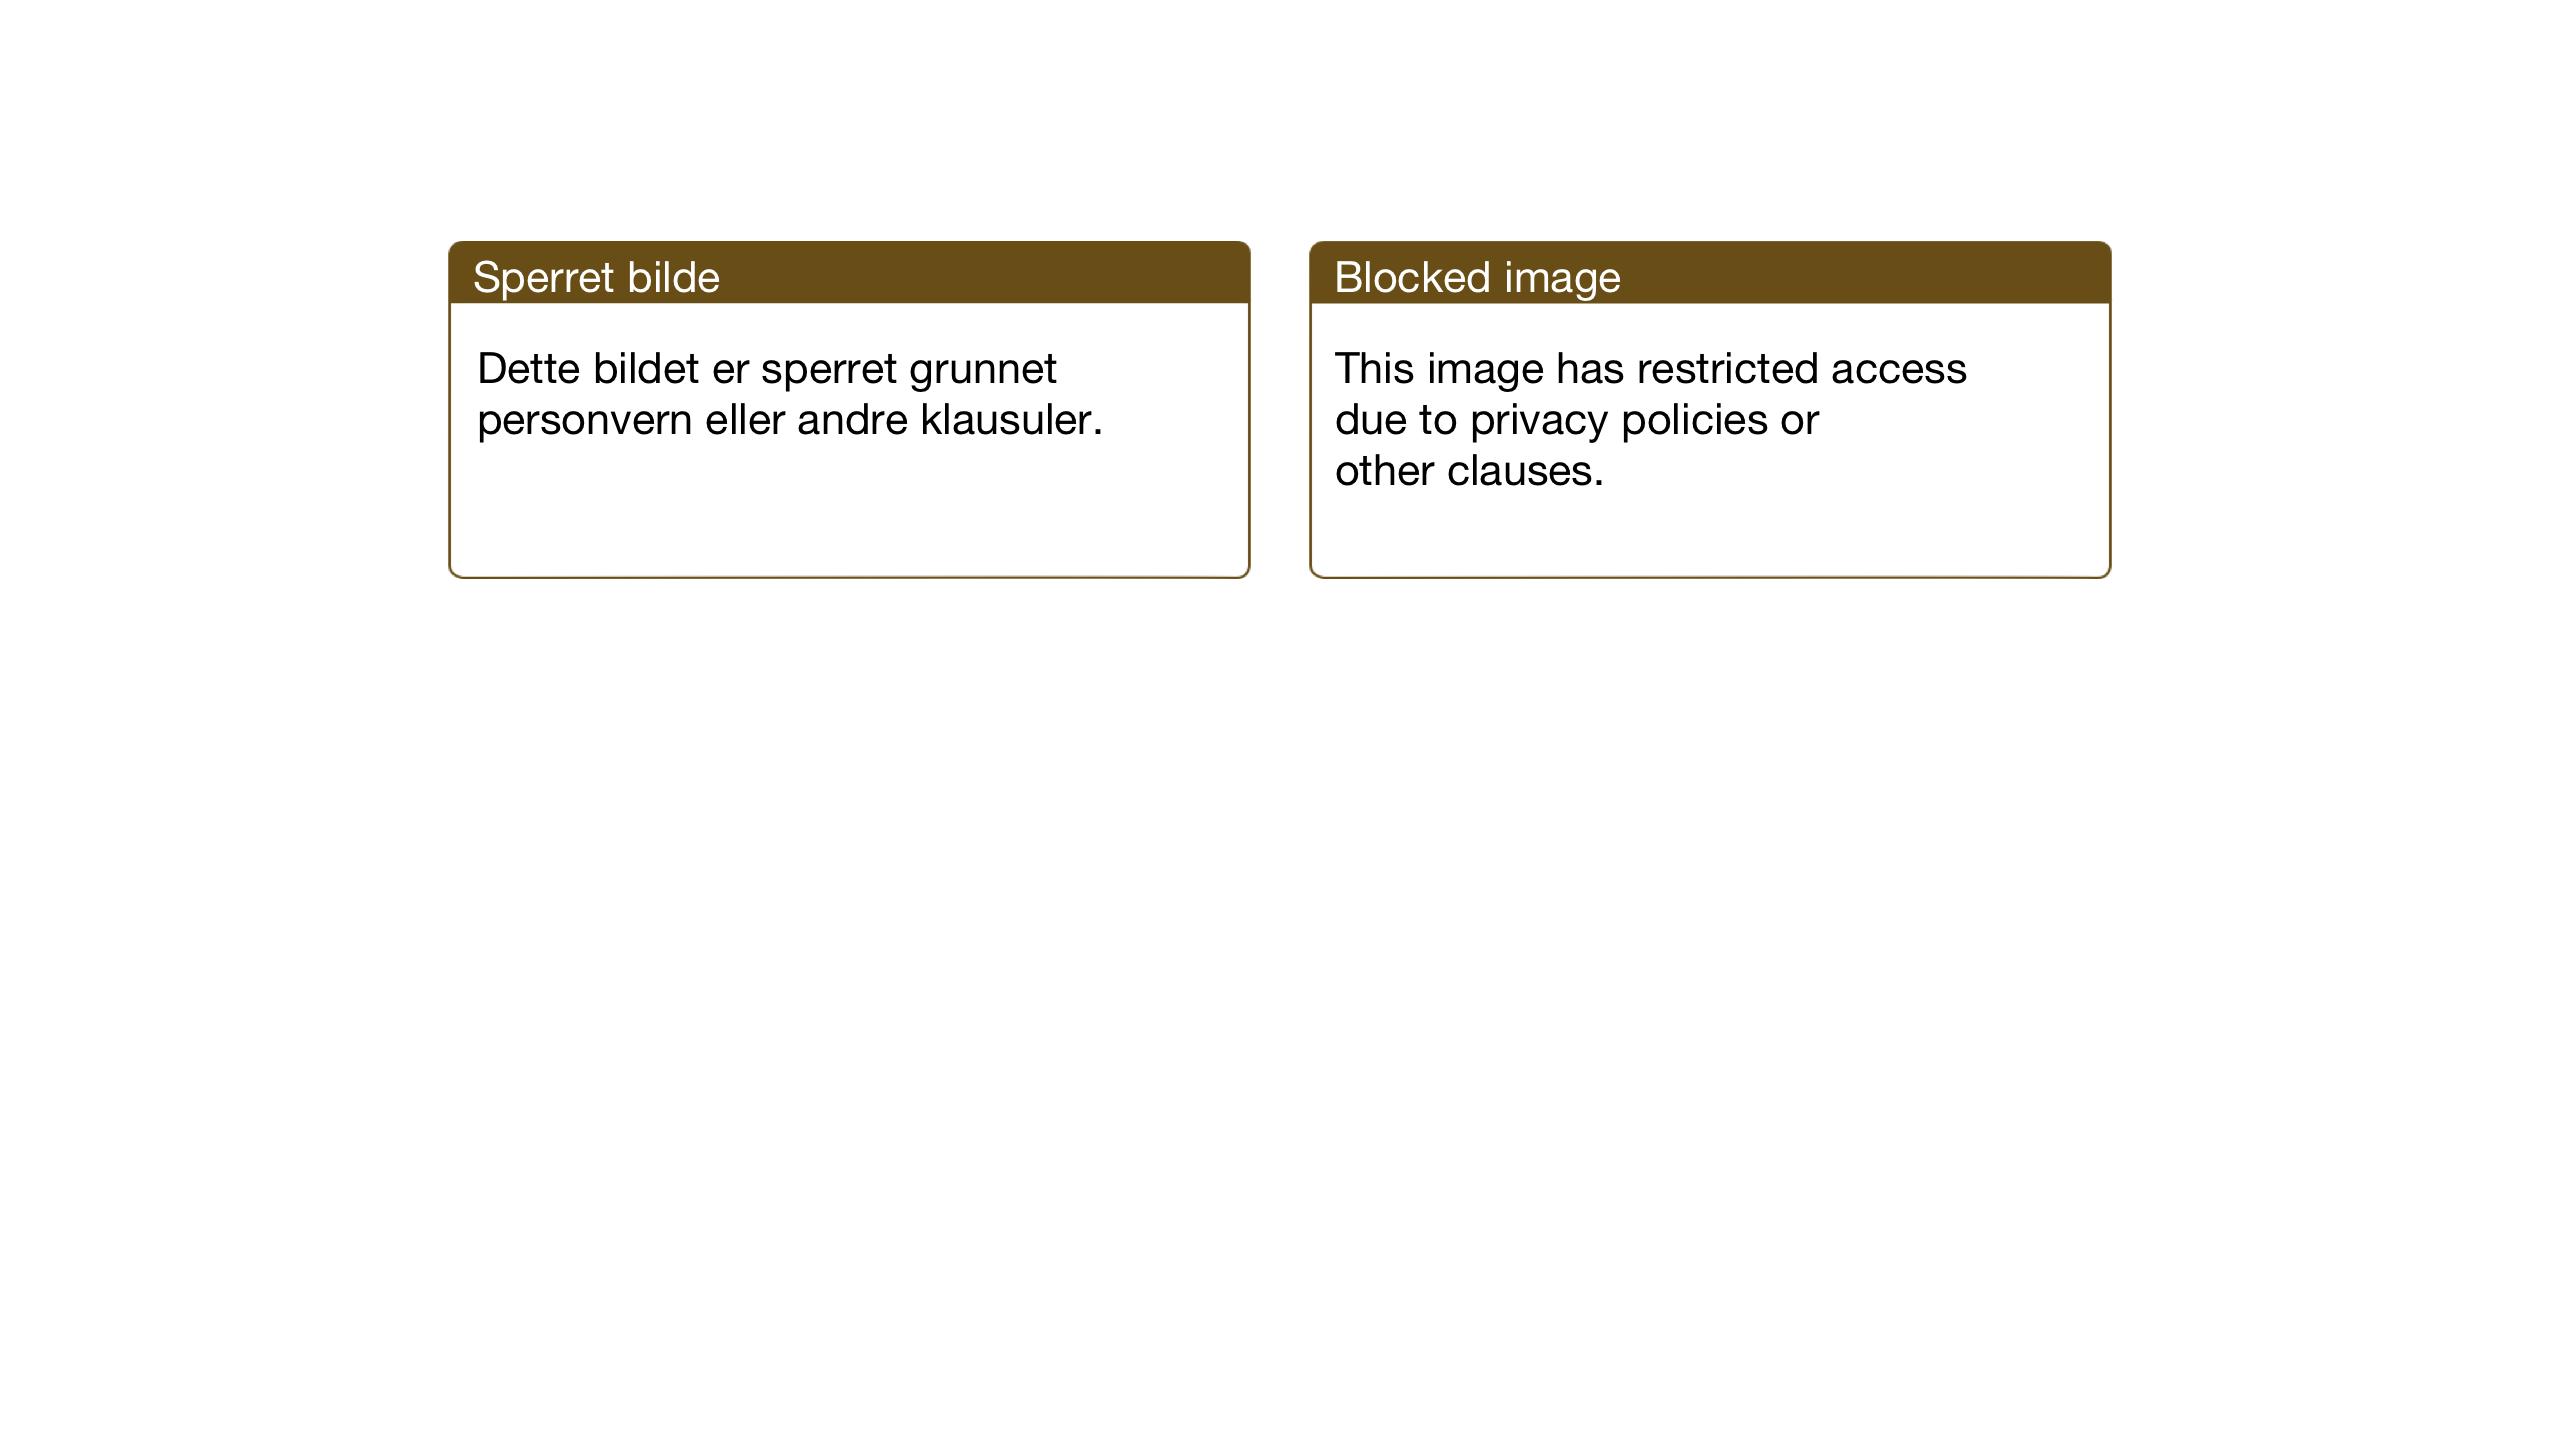 SAT, Ministerialprotokoller, klokkerbøker og fødselsregistre - Sør-Trøndelag, 669/L0832: Klokkerbok nr. 669C02, 1925-1953, s. 146